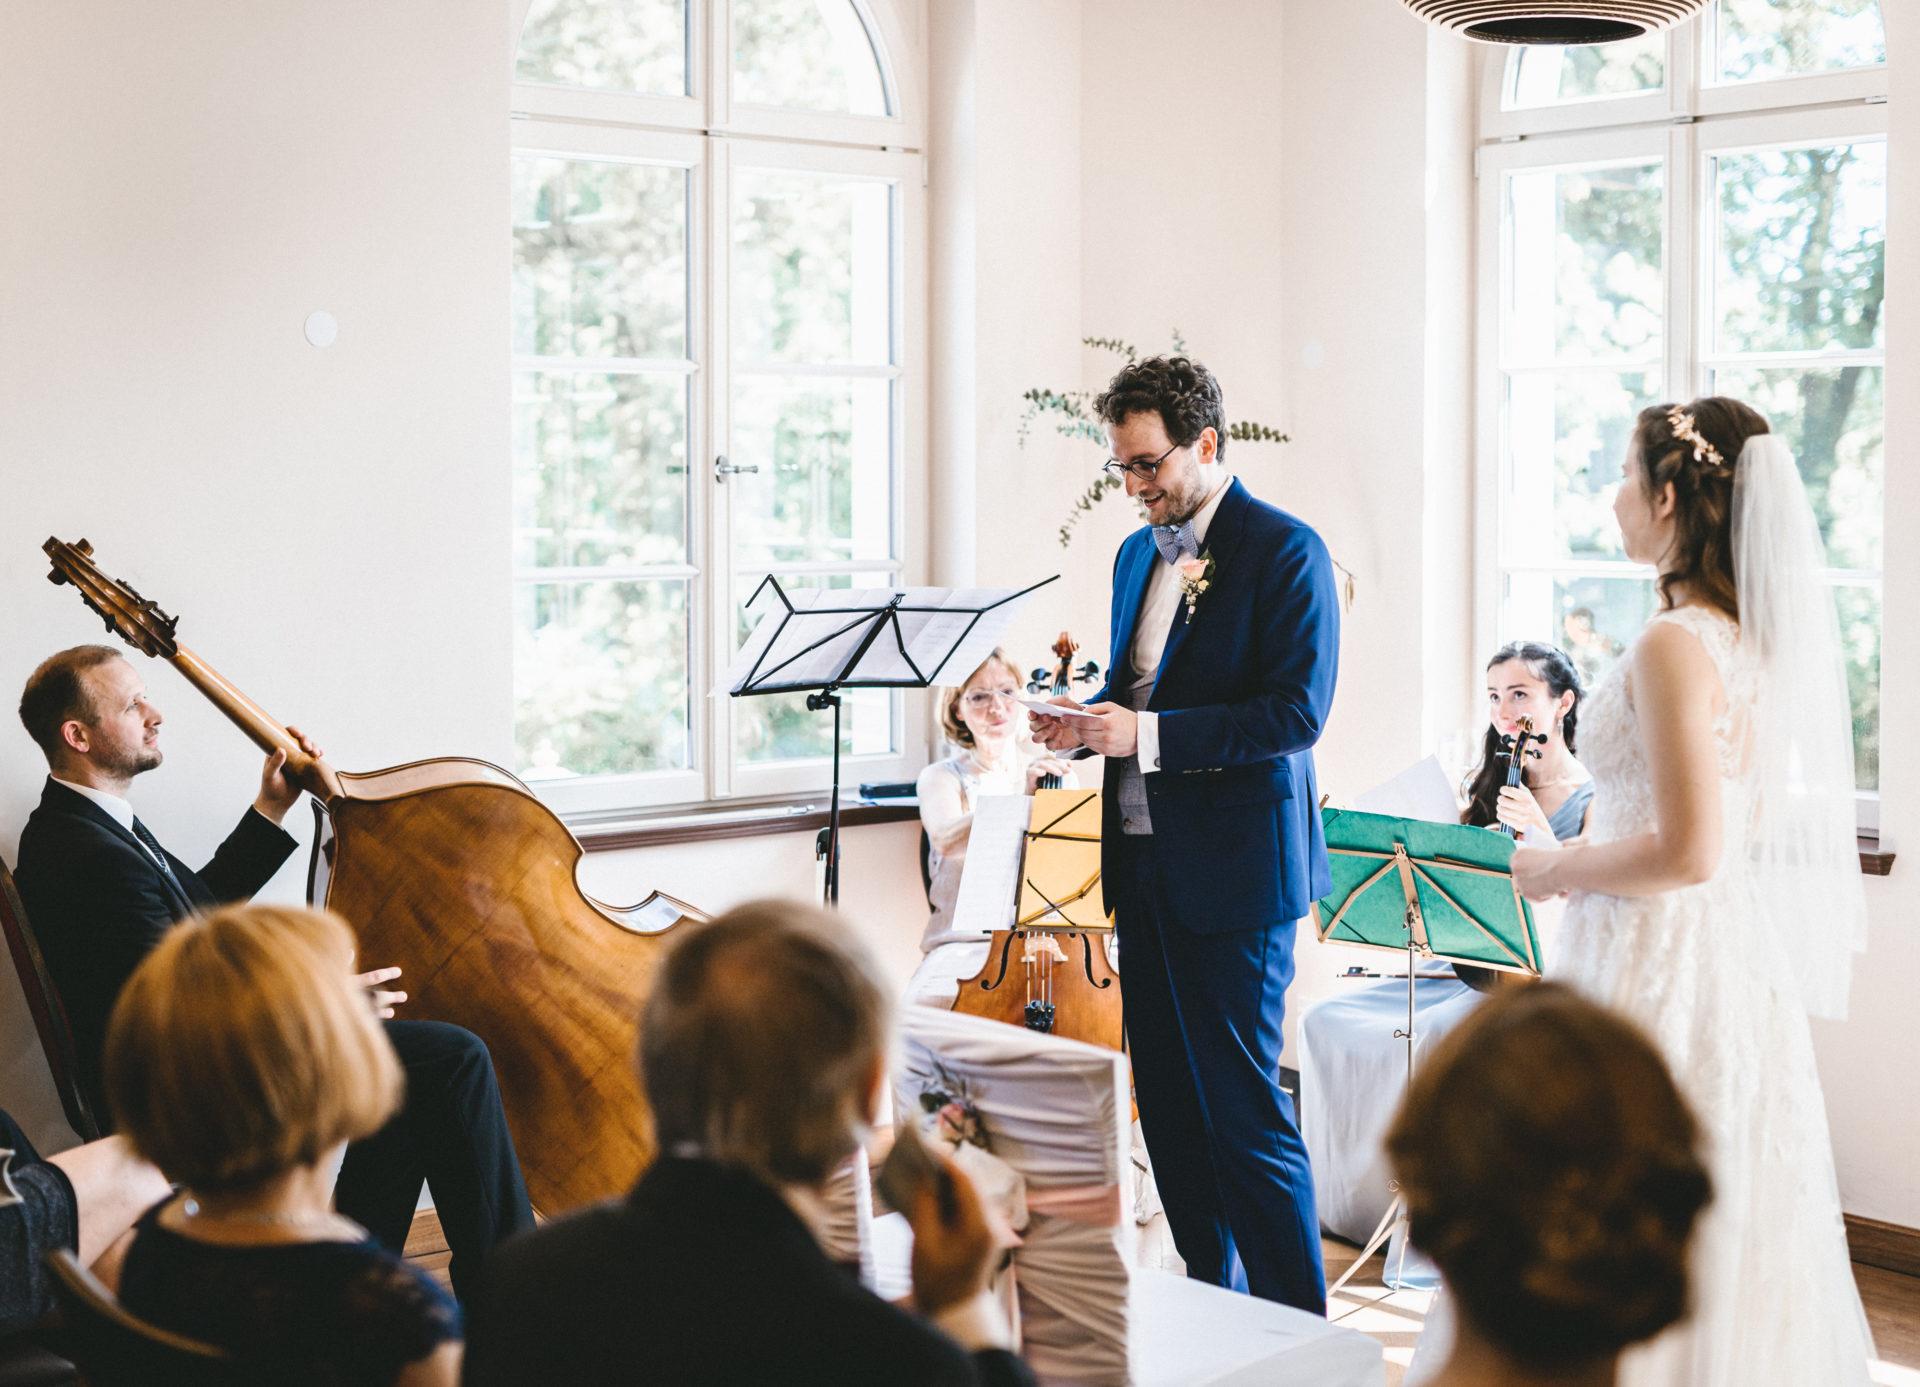 Hochzeitsreportage | Freie Trauung im Herrenhaus Möckern in Leipzig | 22